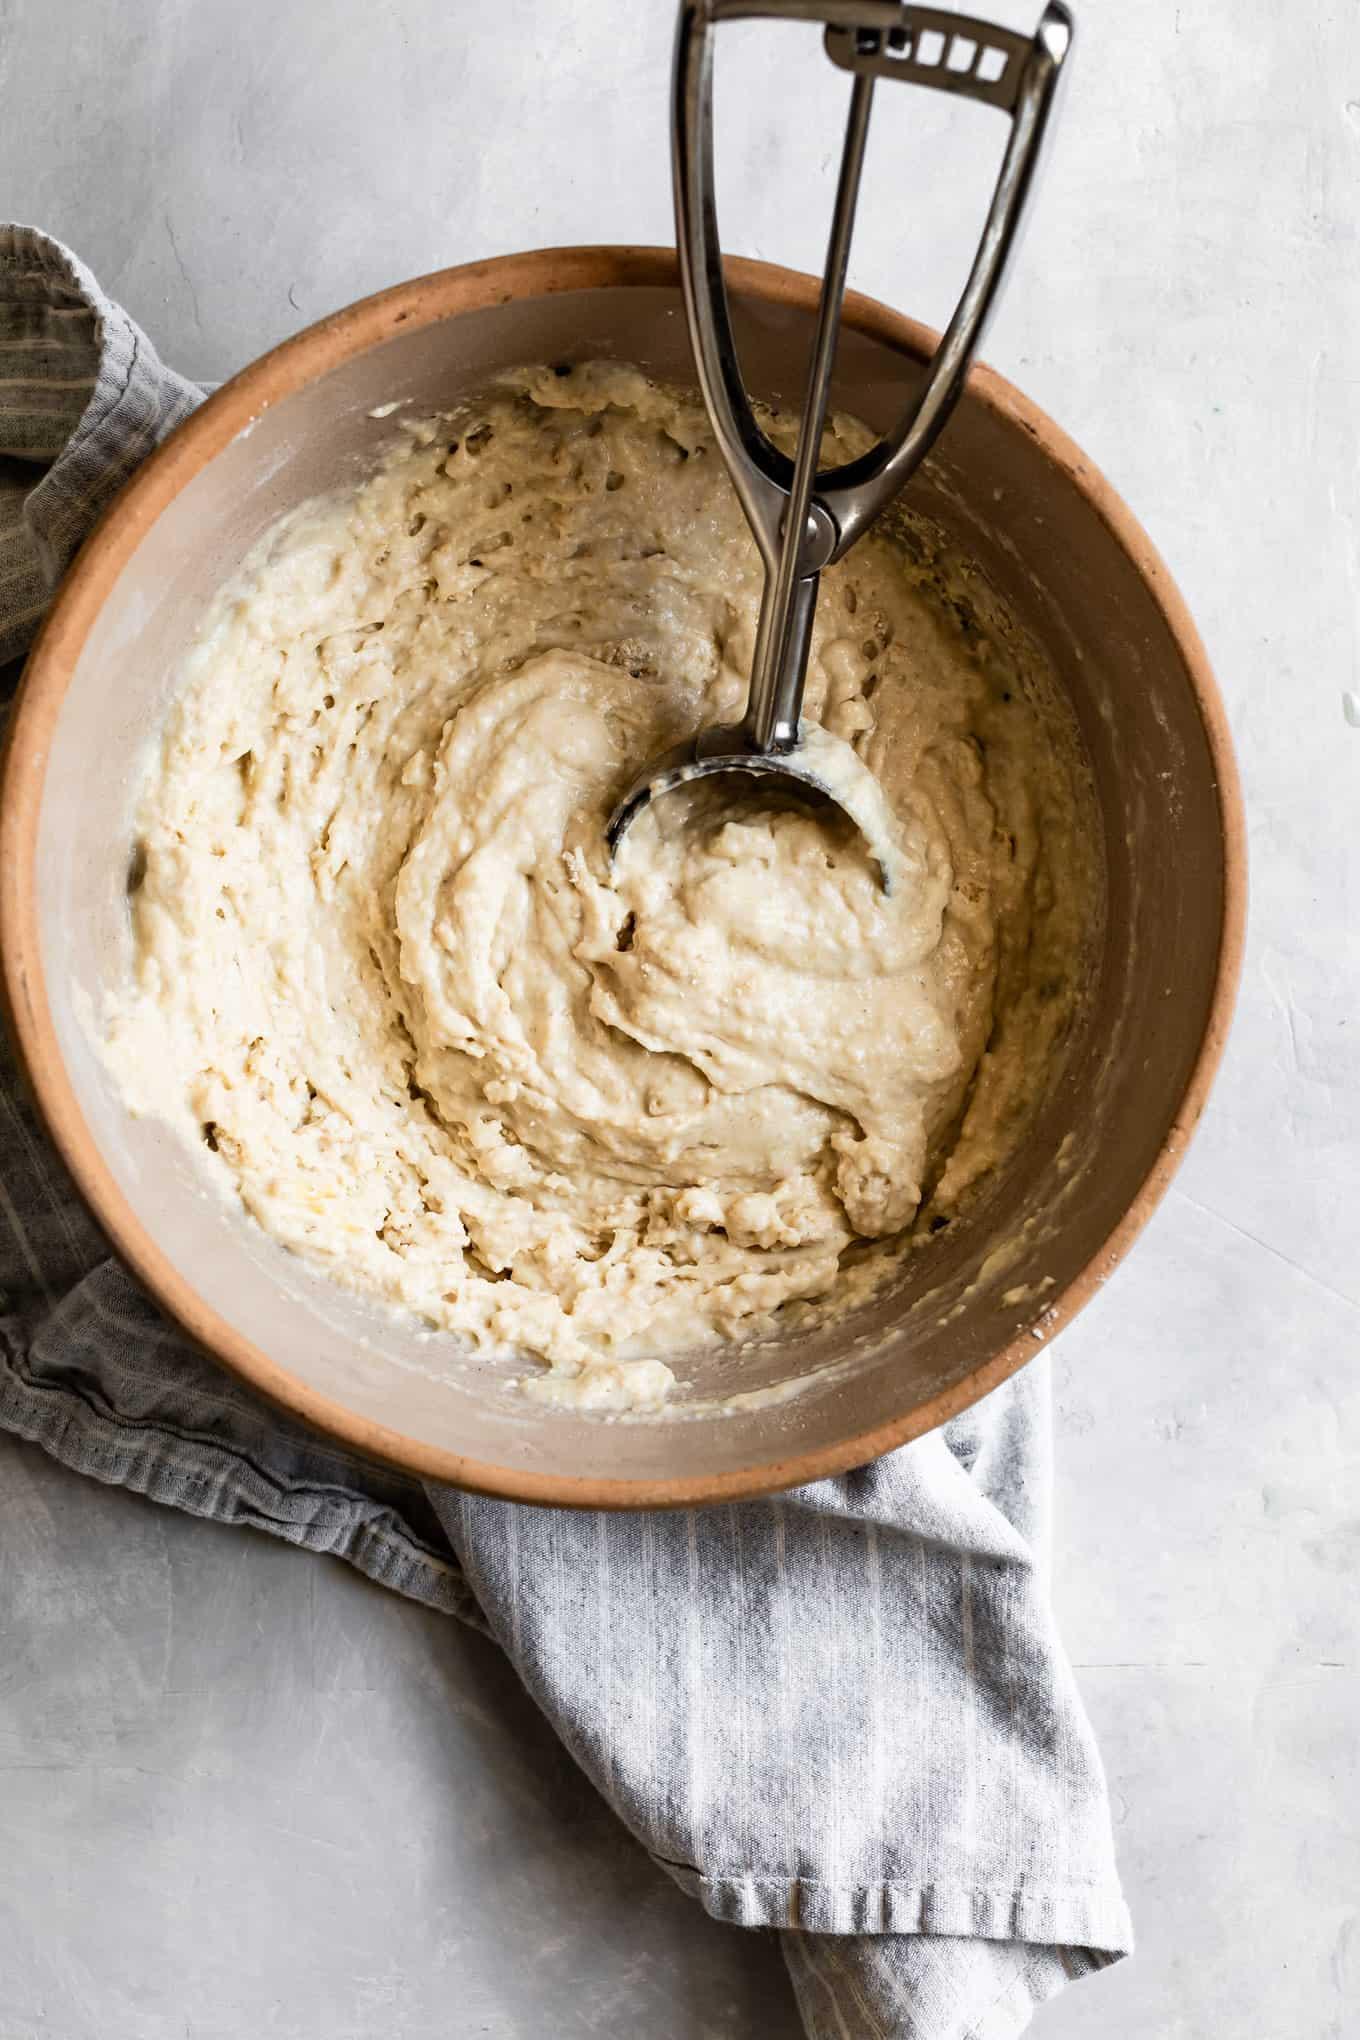 Lumpy gluten-free pancake batter